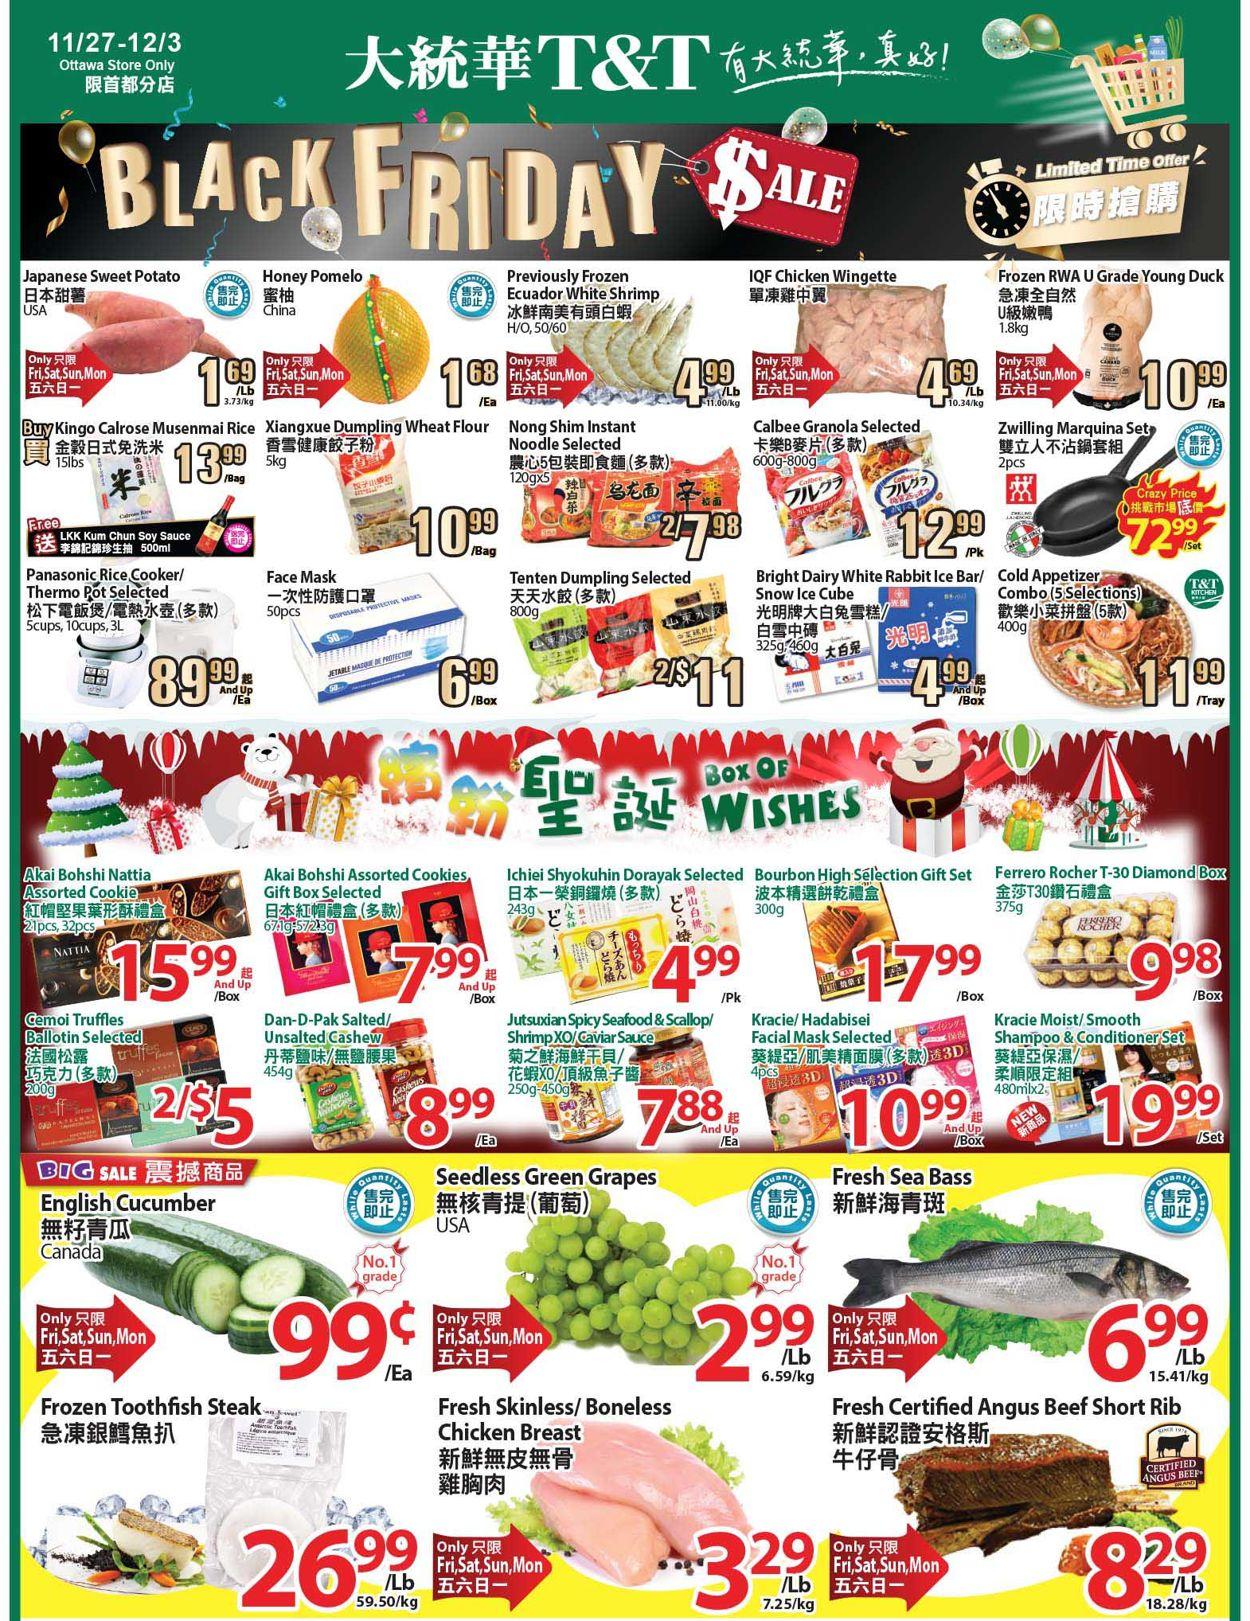 T&T Supermarket Black Friday 2020 - Ottawa Flyer - 11/27-12/03/2020